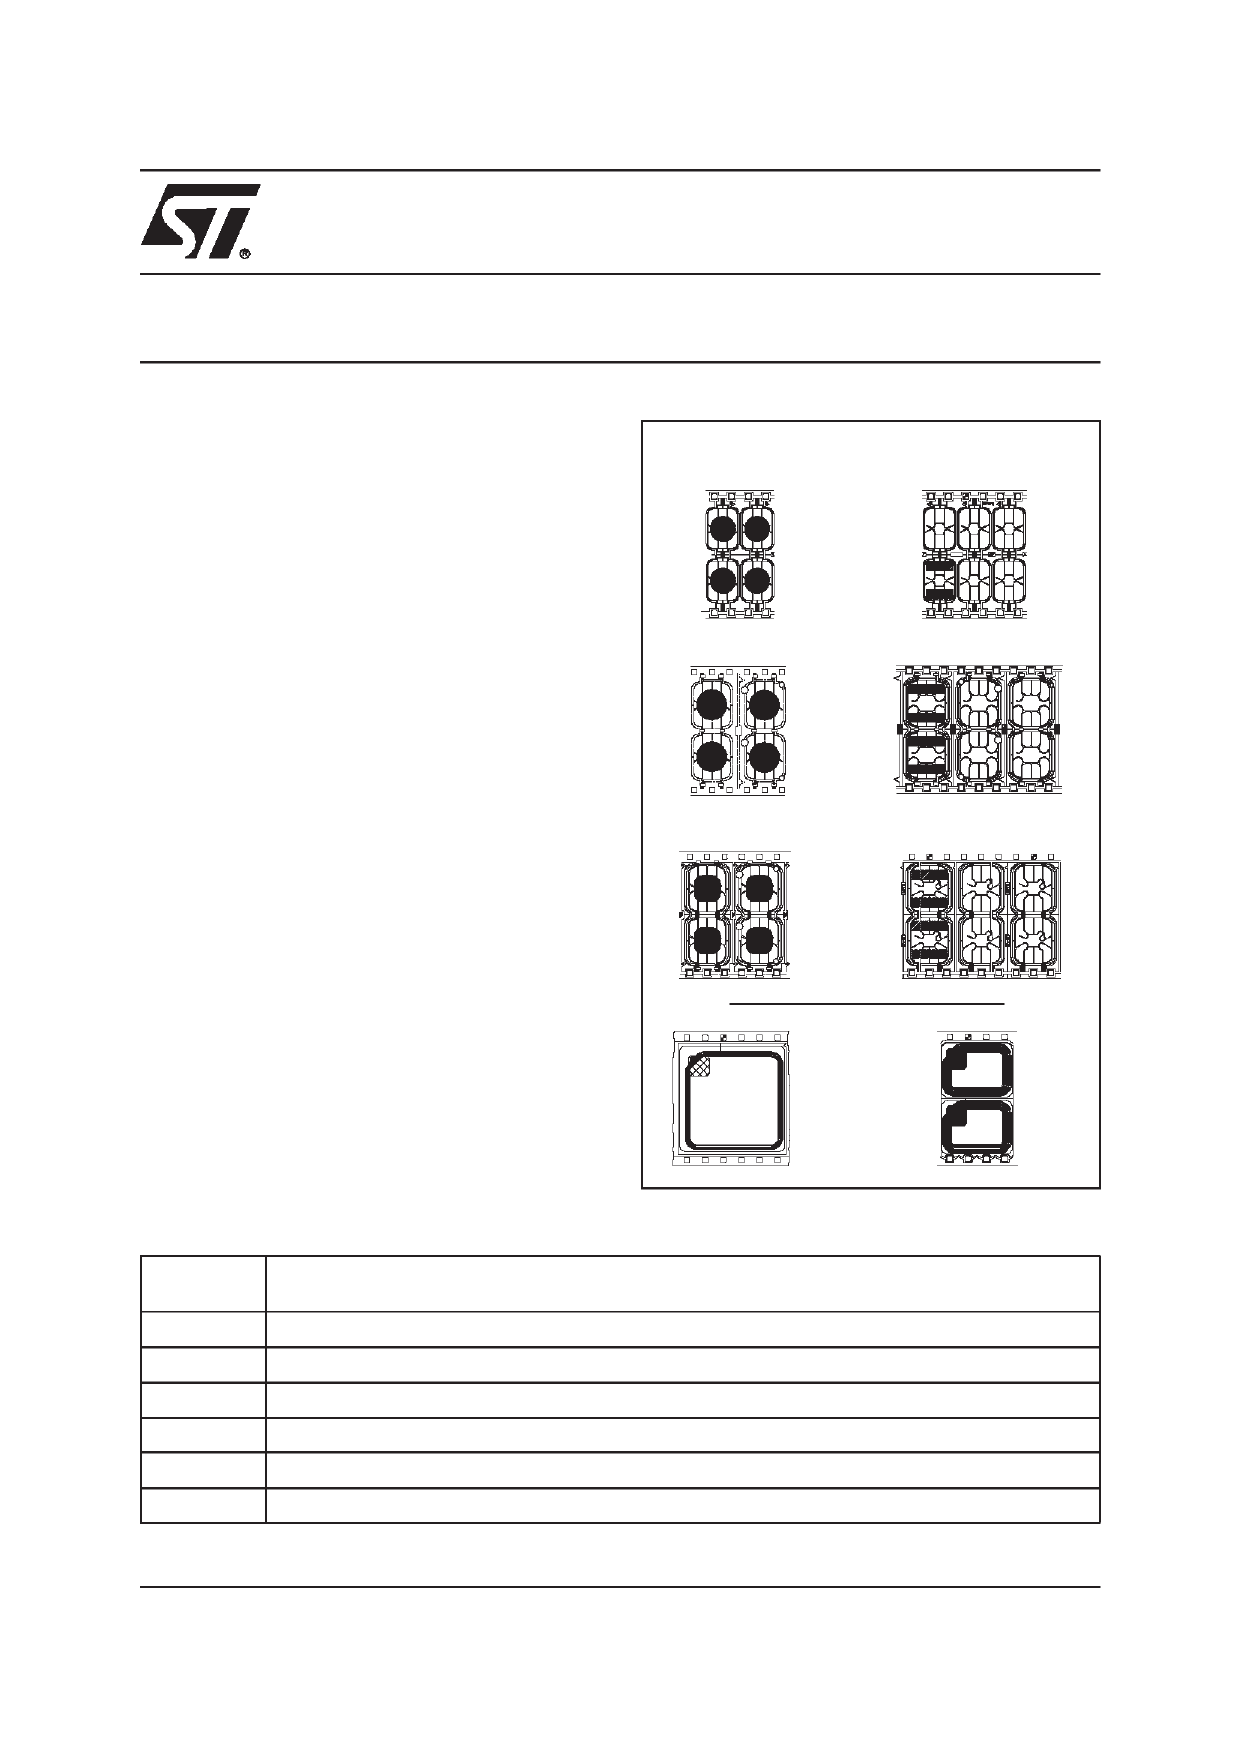 D10 даташит PDF